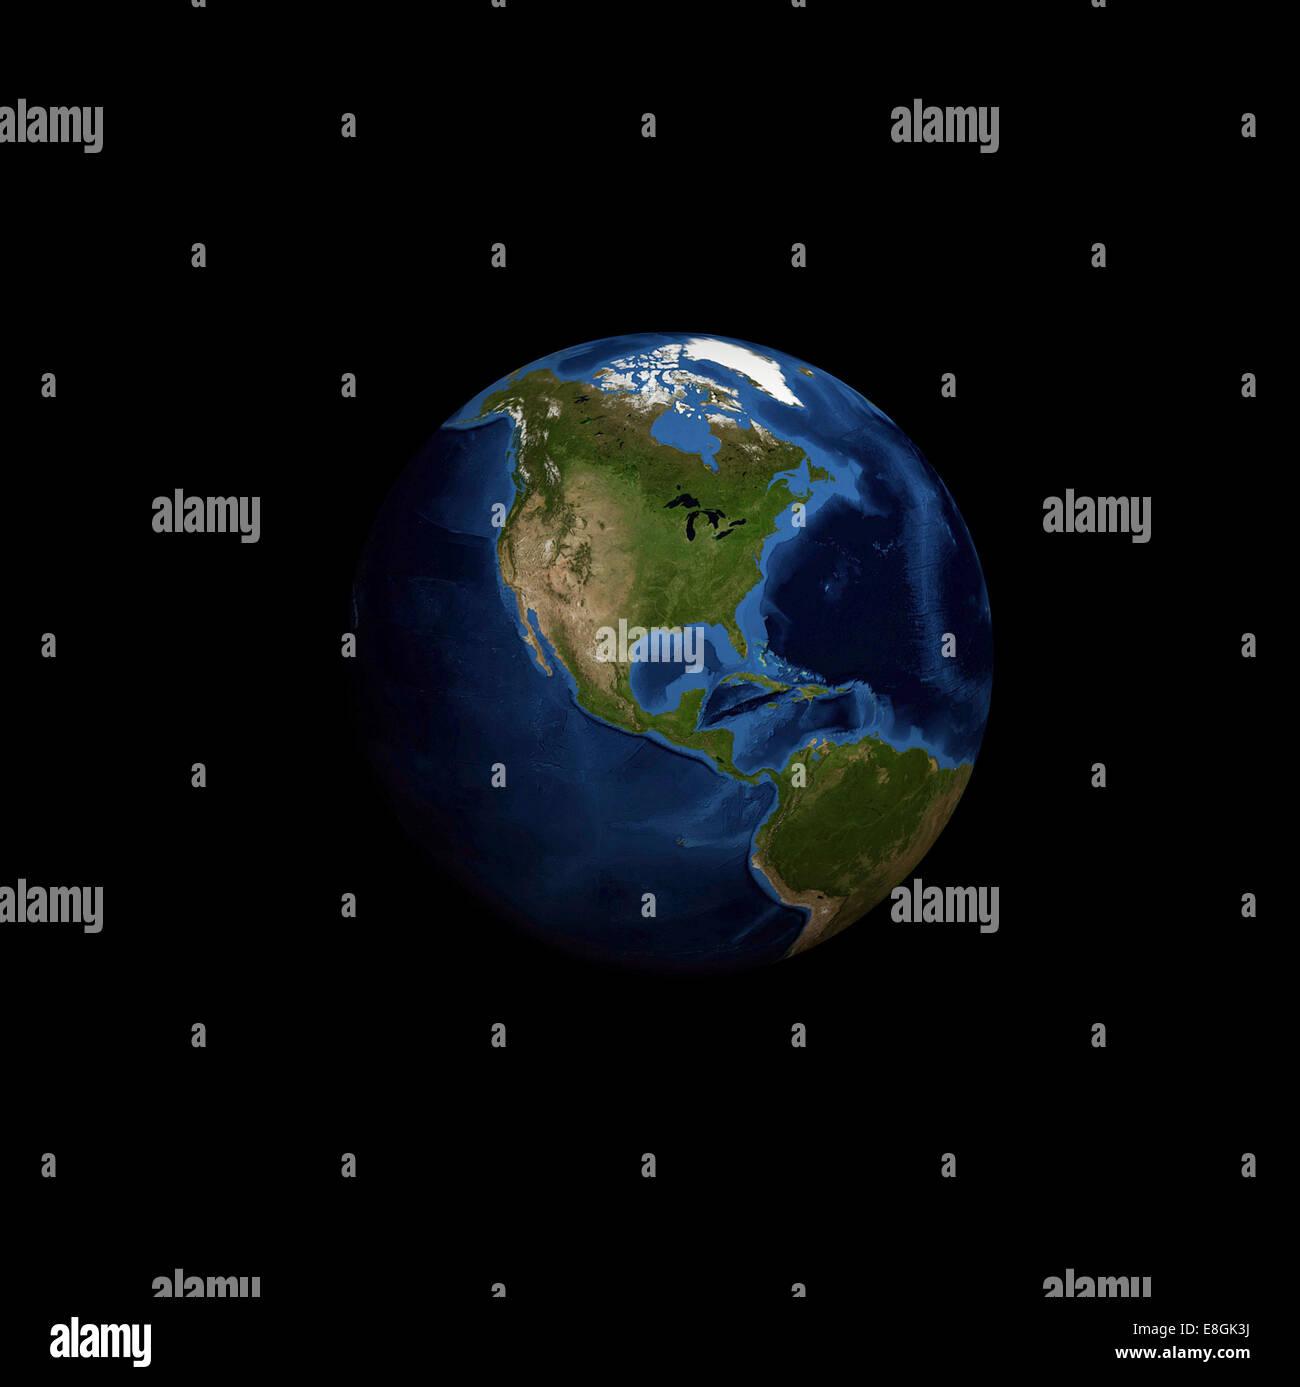 Imagen generada digitalmente del planeta tierra Foto de stock